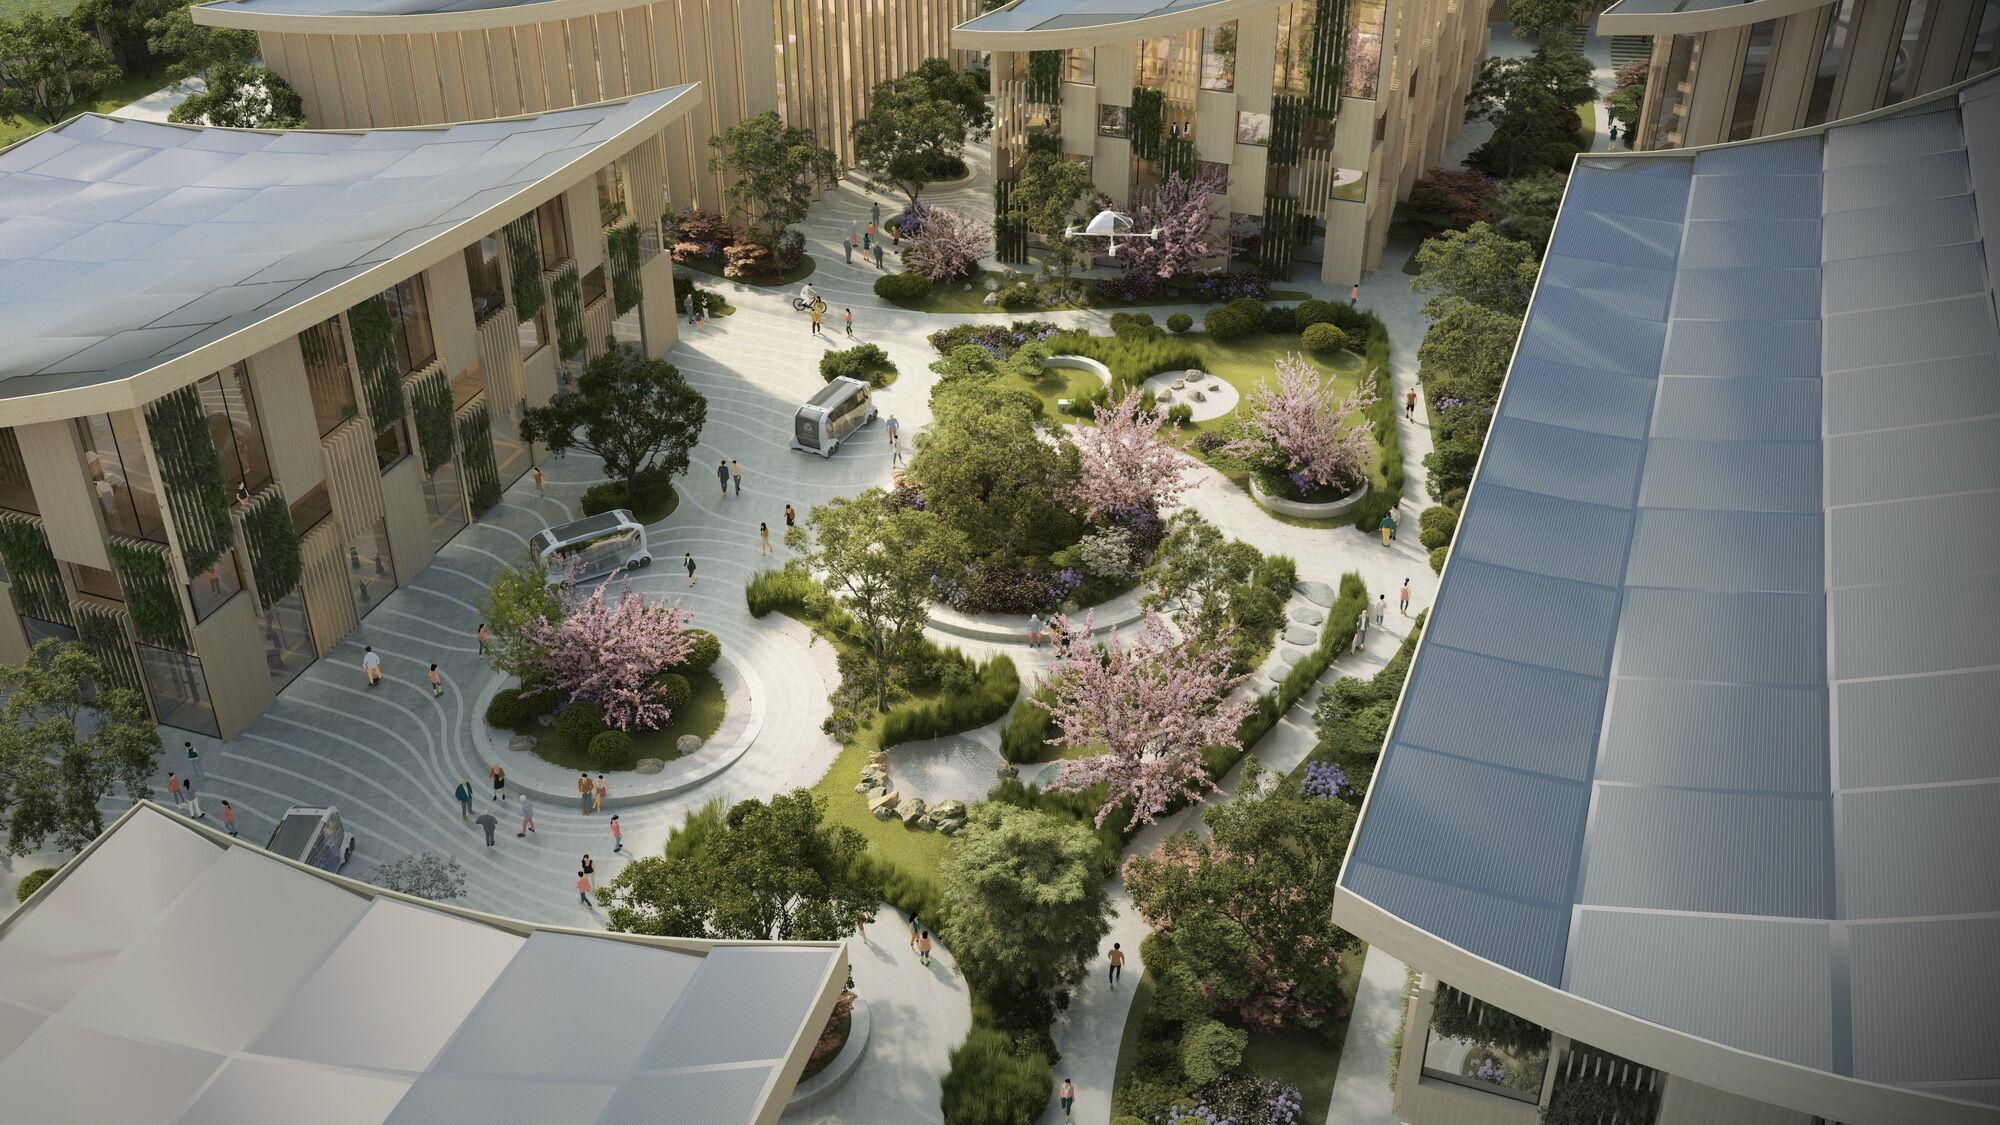 Для відпочинку жителів передбачено кілька парків та велика центральна площа, на якій будуть влаштовувати різні заходи